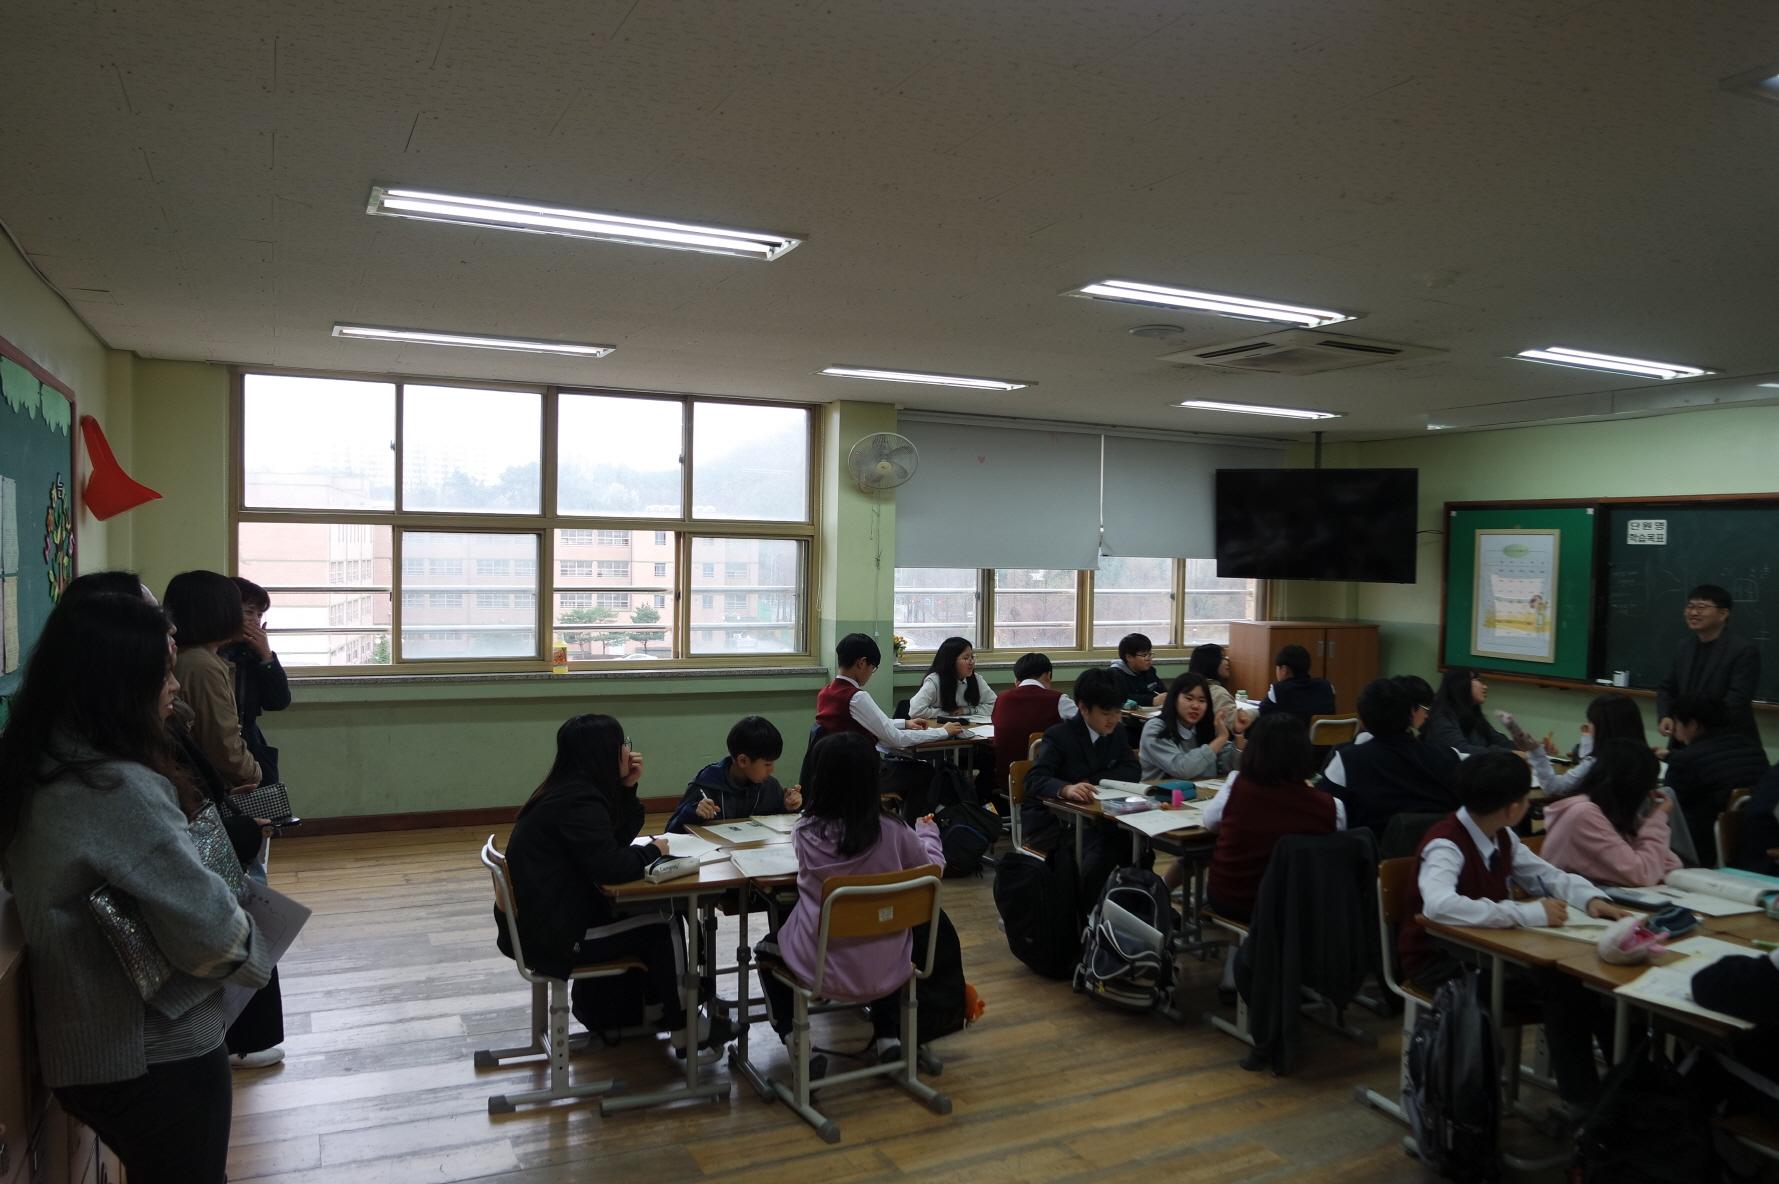 [일반] 2018학년도 1학기 학부모와 함께하는 교육활동 공개의 날의 첨부이미지 3